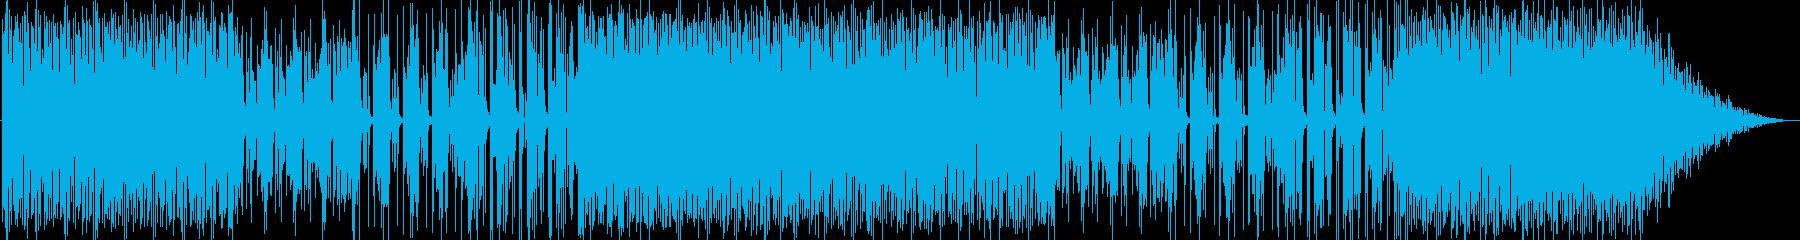 どんよりとした雰囲気のBGMの再生済みの波形